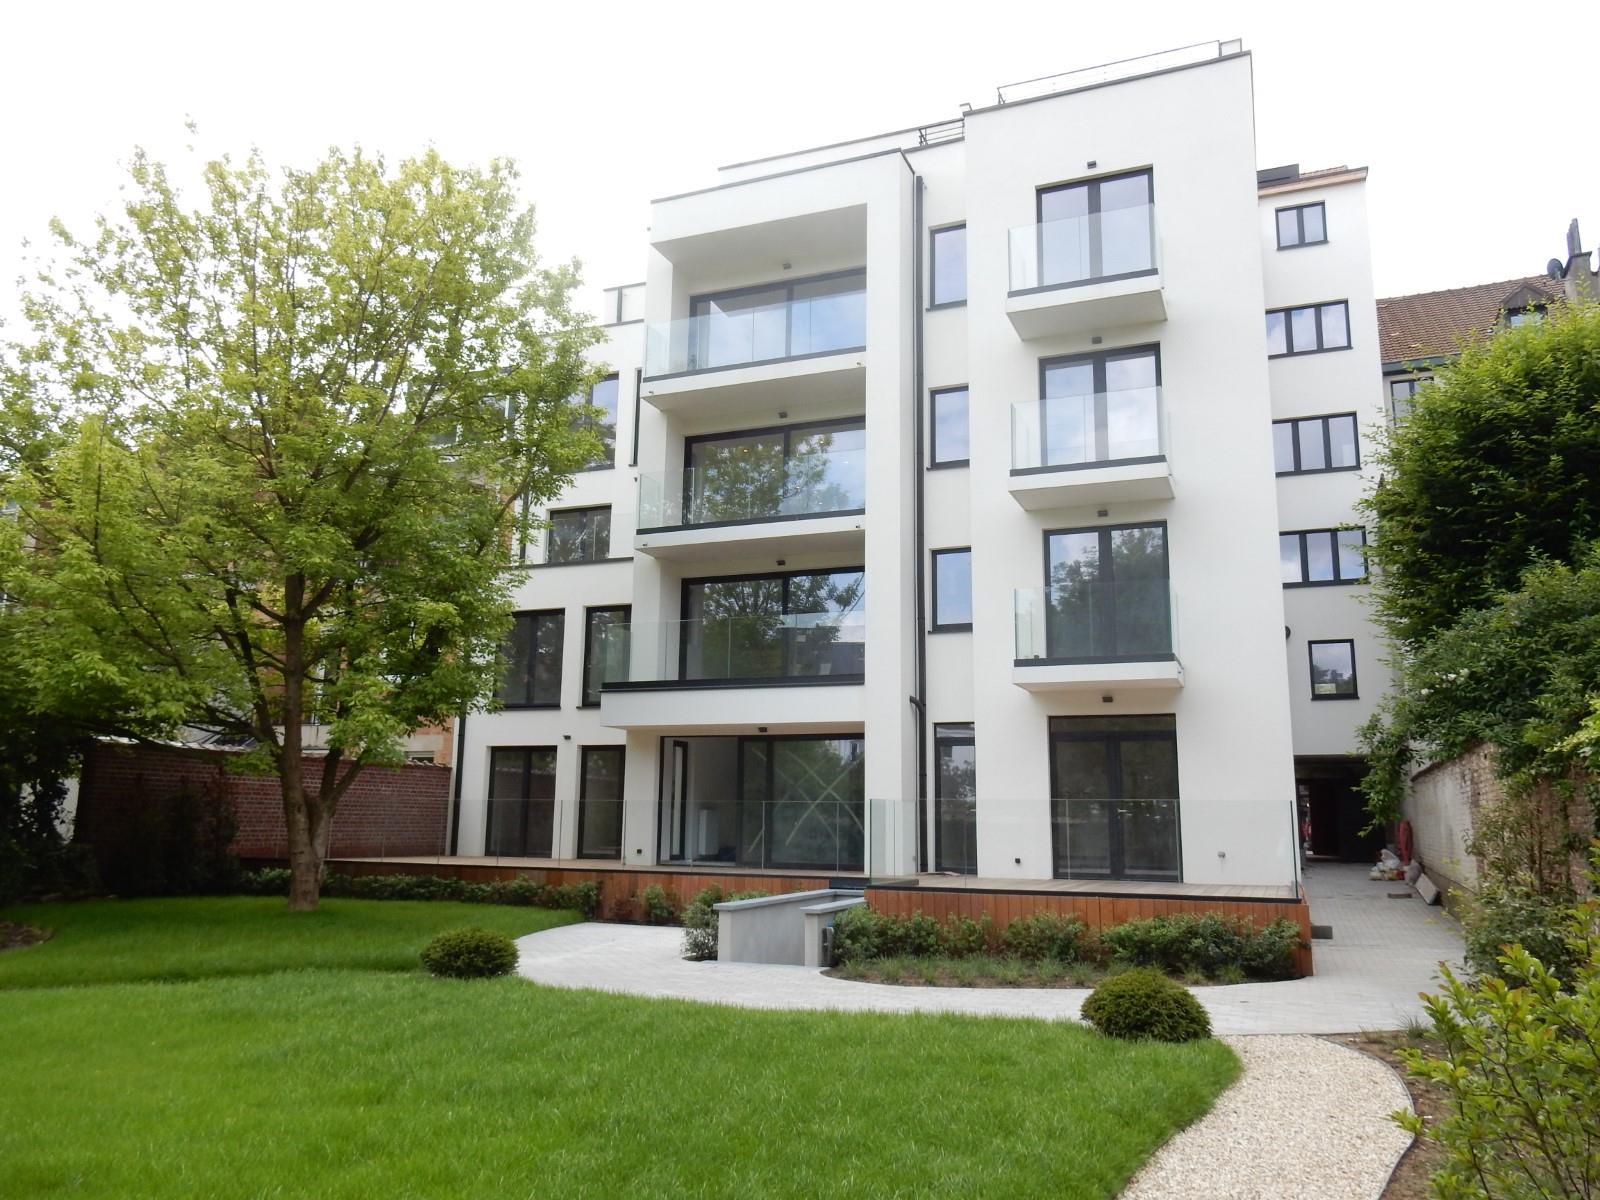 Appartement exceptionnel - Ixelles - #3915781-13